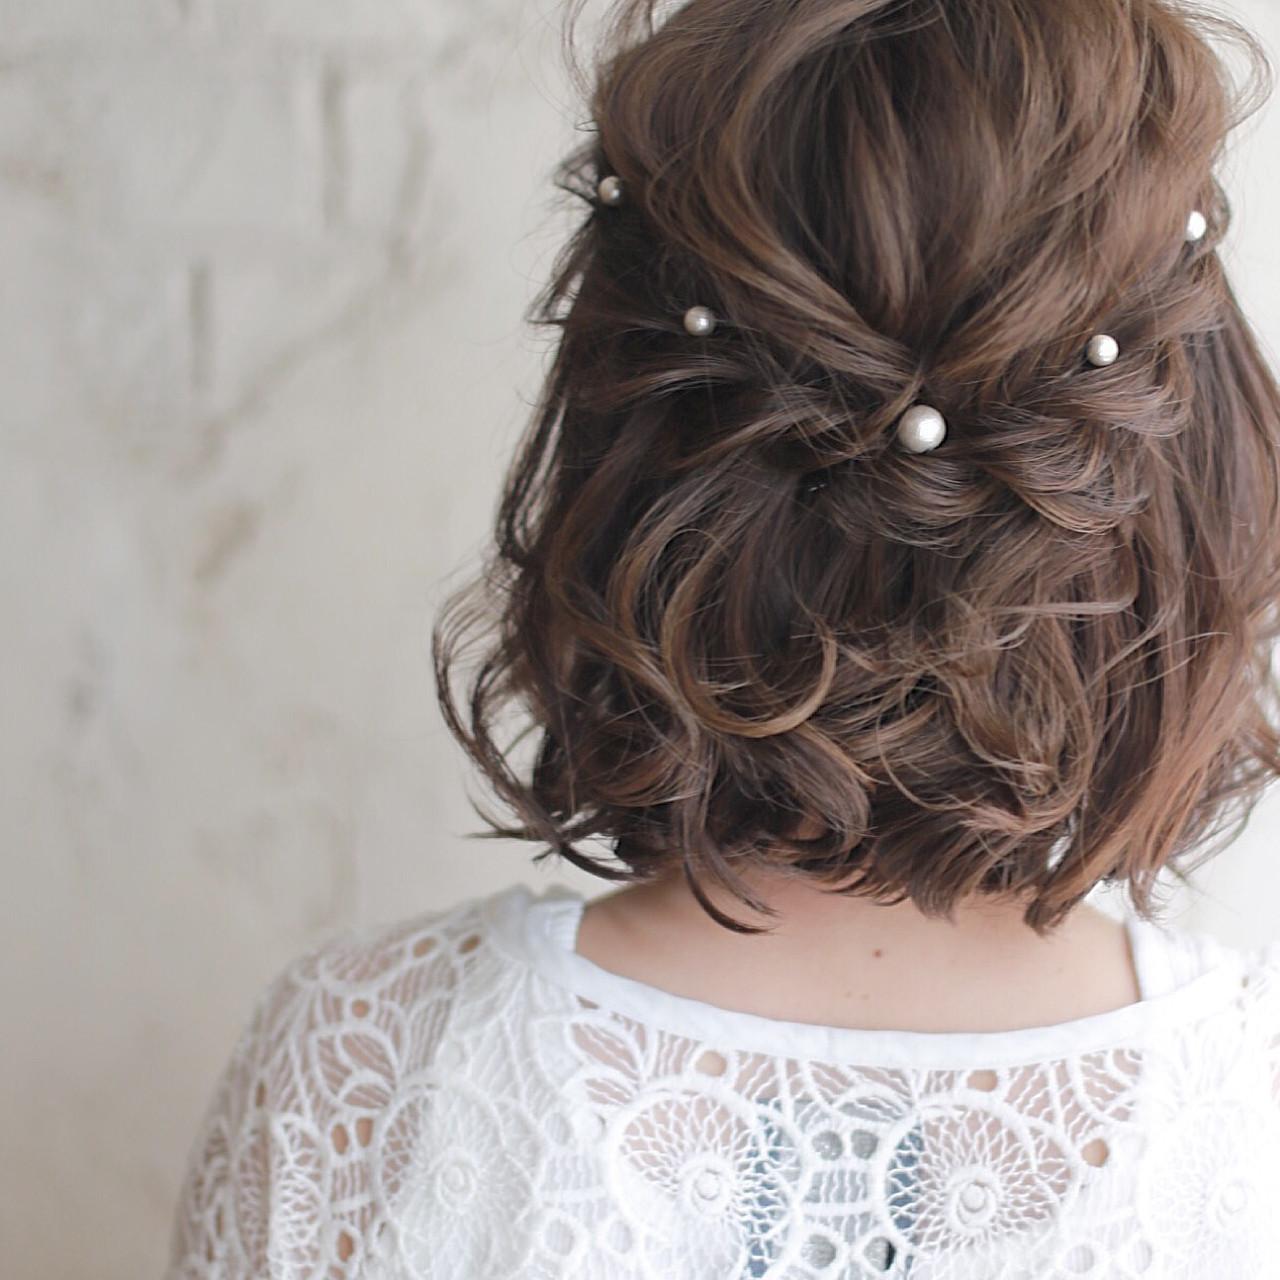 じつは見落としがち?【結婚式】の髪色・髪型と服装マナーの講習